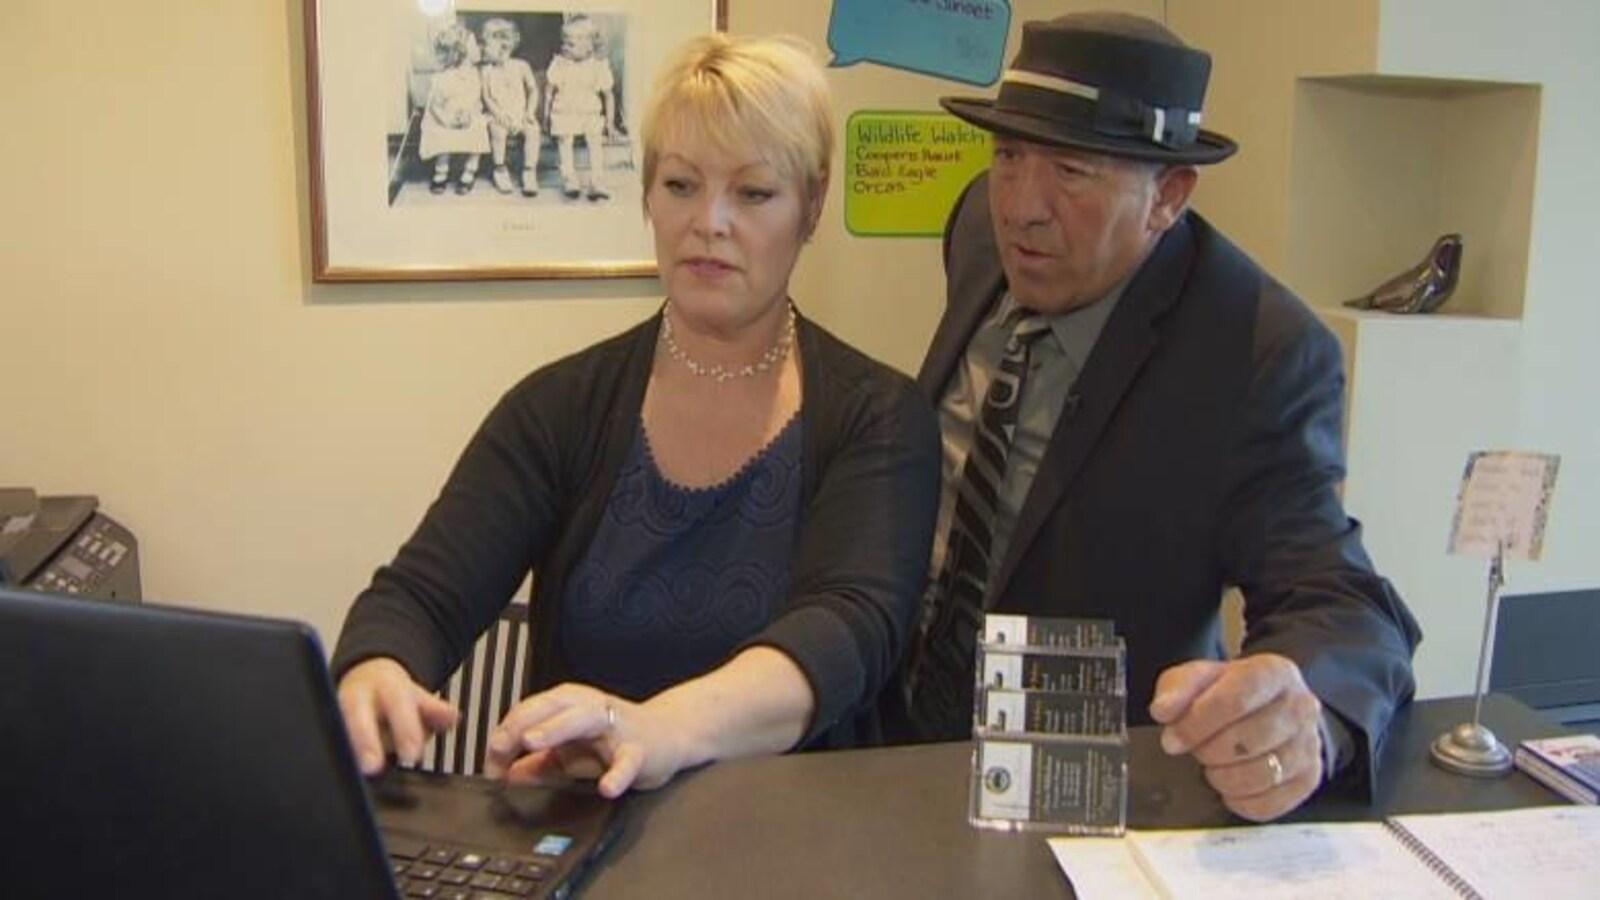 Un couple regarde un écran d'ordinateur à la réception d'un hôtel.